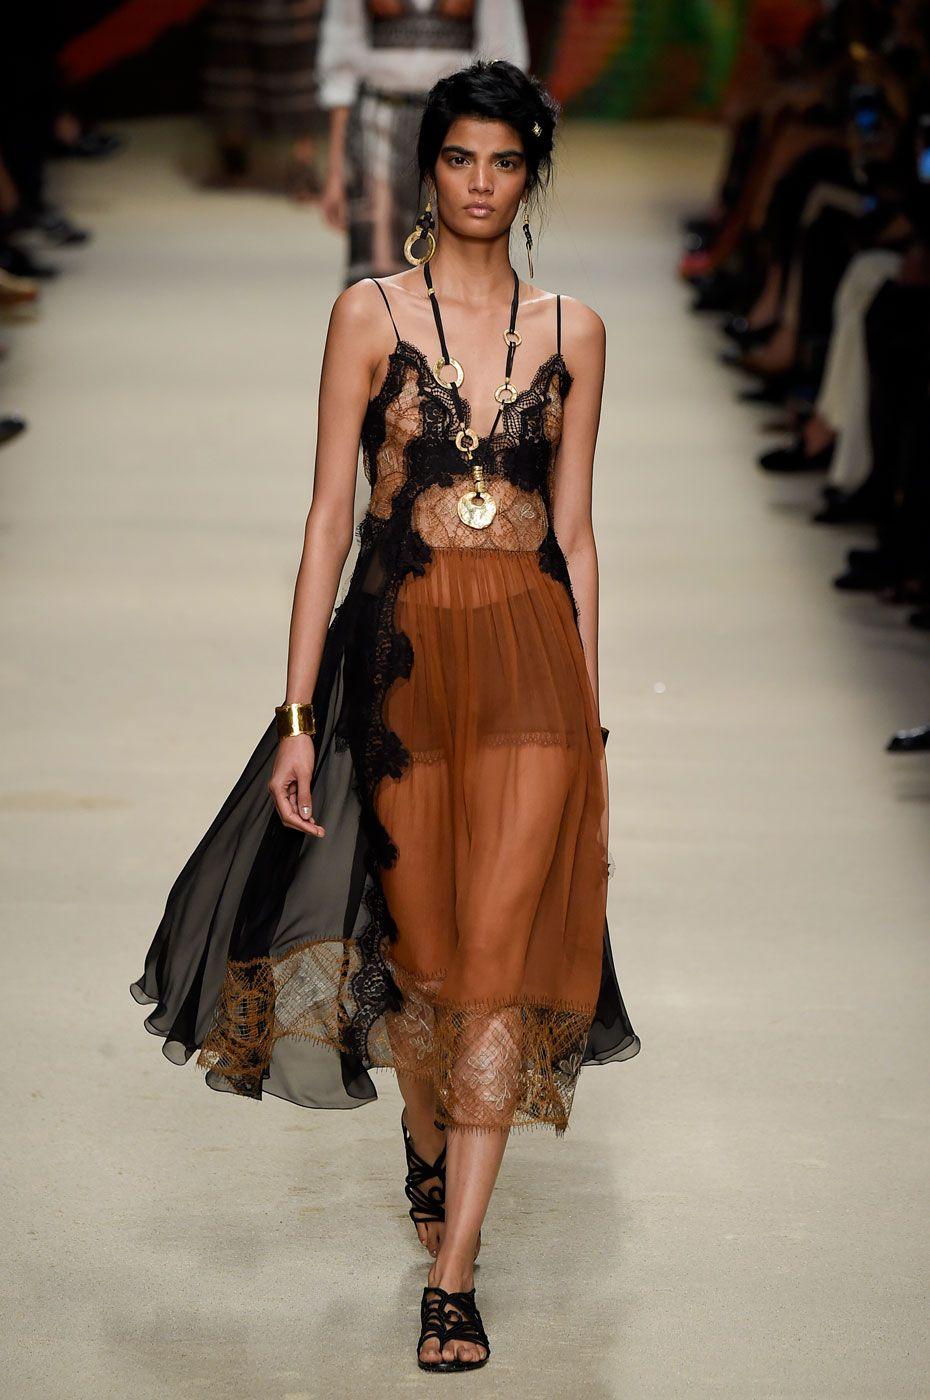 Alberta Ferretti: patchwork e vestidos vaporosos para o verão - Vogue   Desfiles